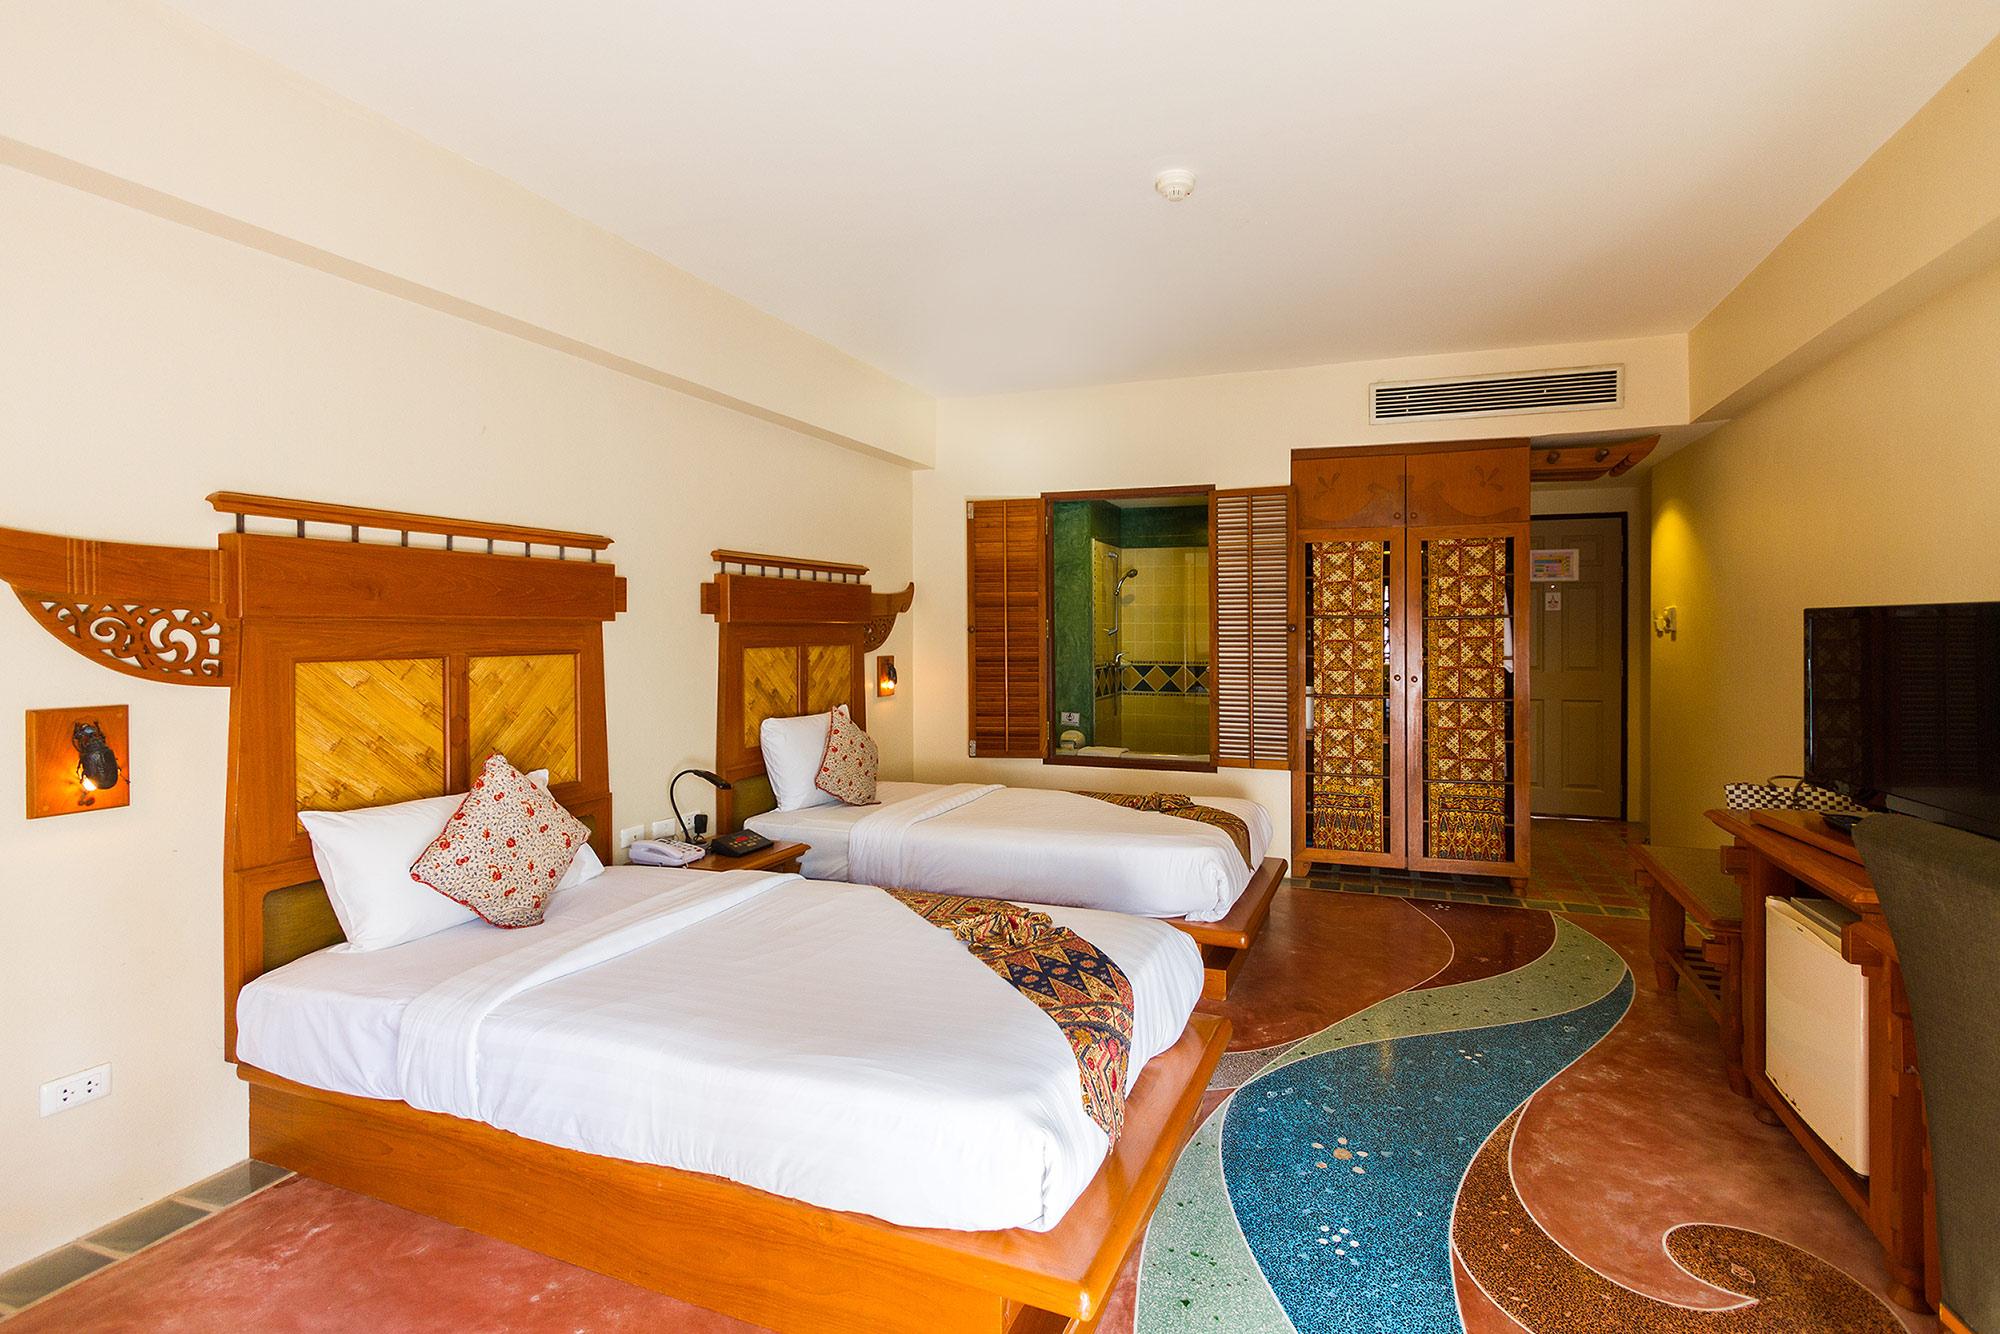 อ่าวนางปริ้นซ์วิลล รีสอร์ทแอนด์สปา  อ่าวนาง ปริ๊นซ์วิลล์ รีสอร์ท แอนด์ สปา Aonang Princeville Resort IMG 0237